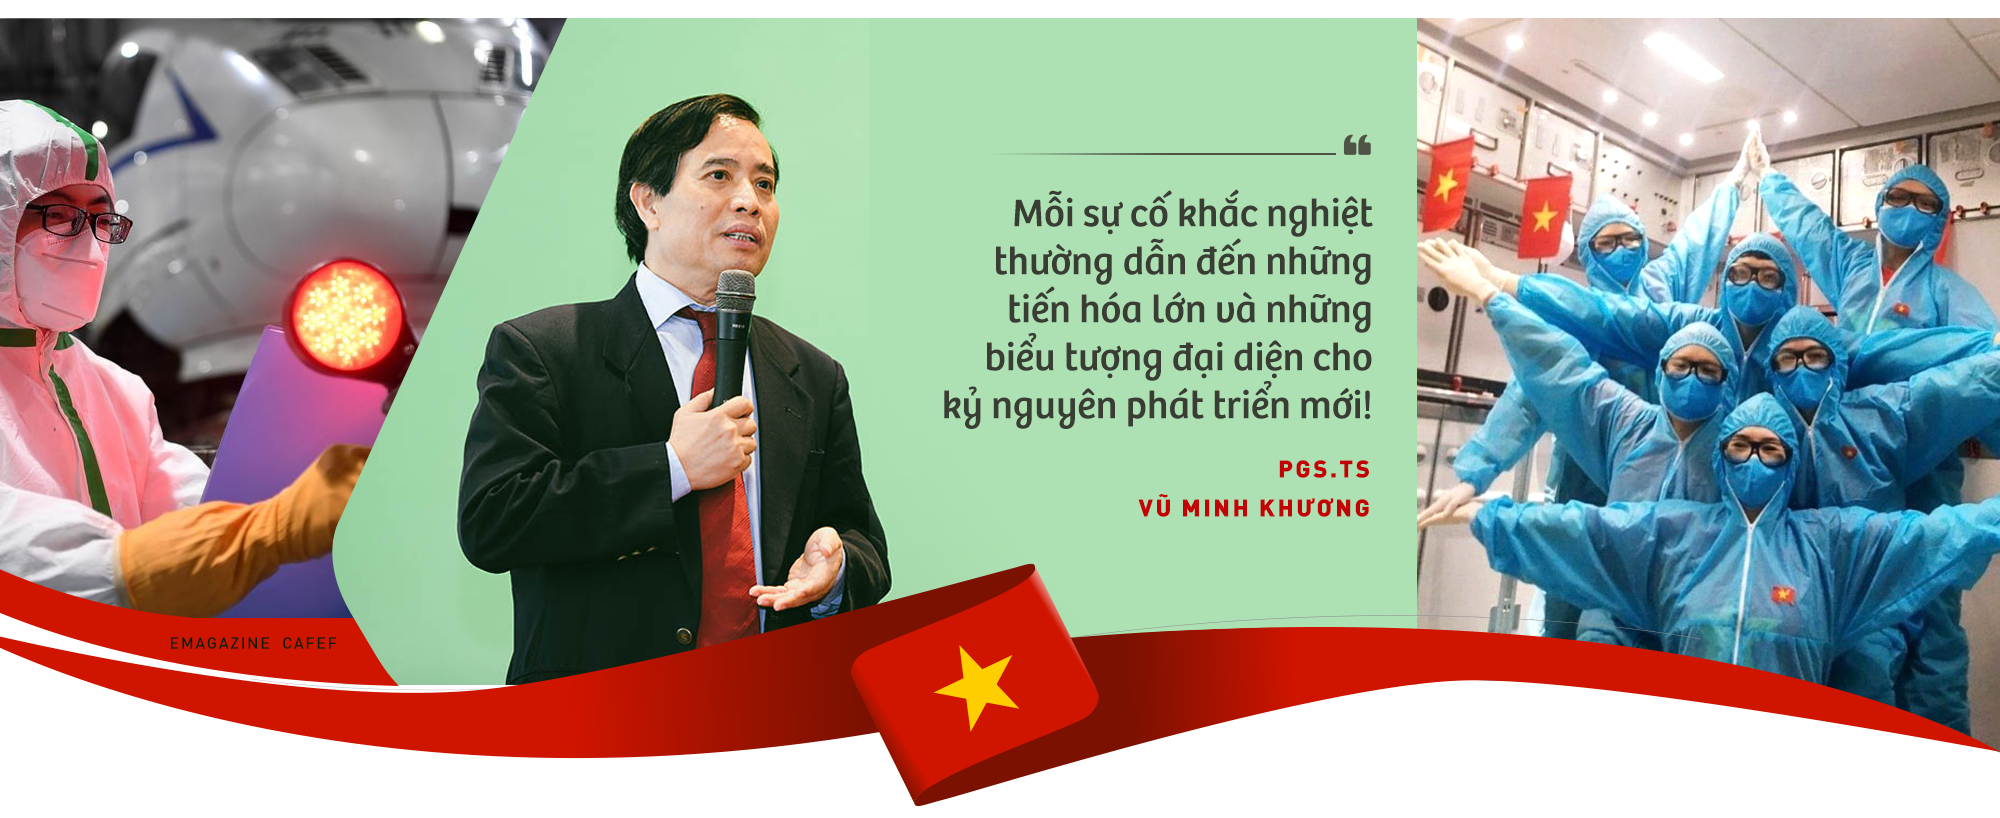 PGS. TS Vũ Minh Khương: Việt Nam đang đứng trước triển vọng lớn làm thế giới kinh ngạc trong những năm tới! - Ảnh 8.